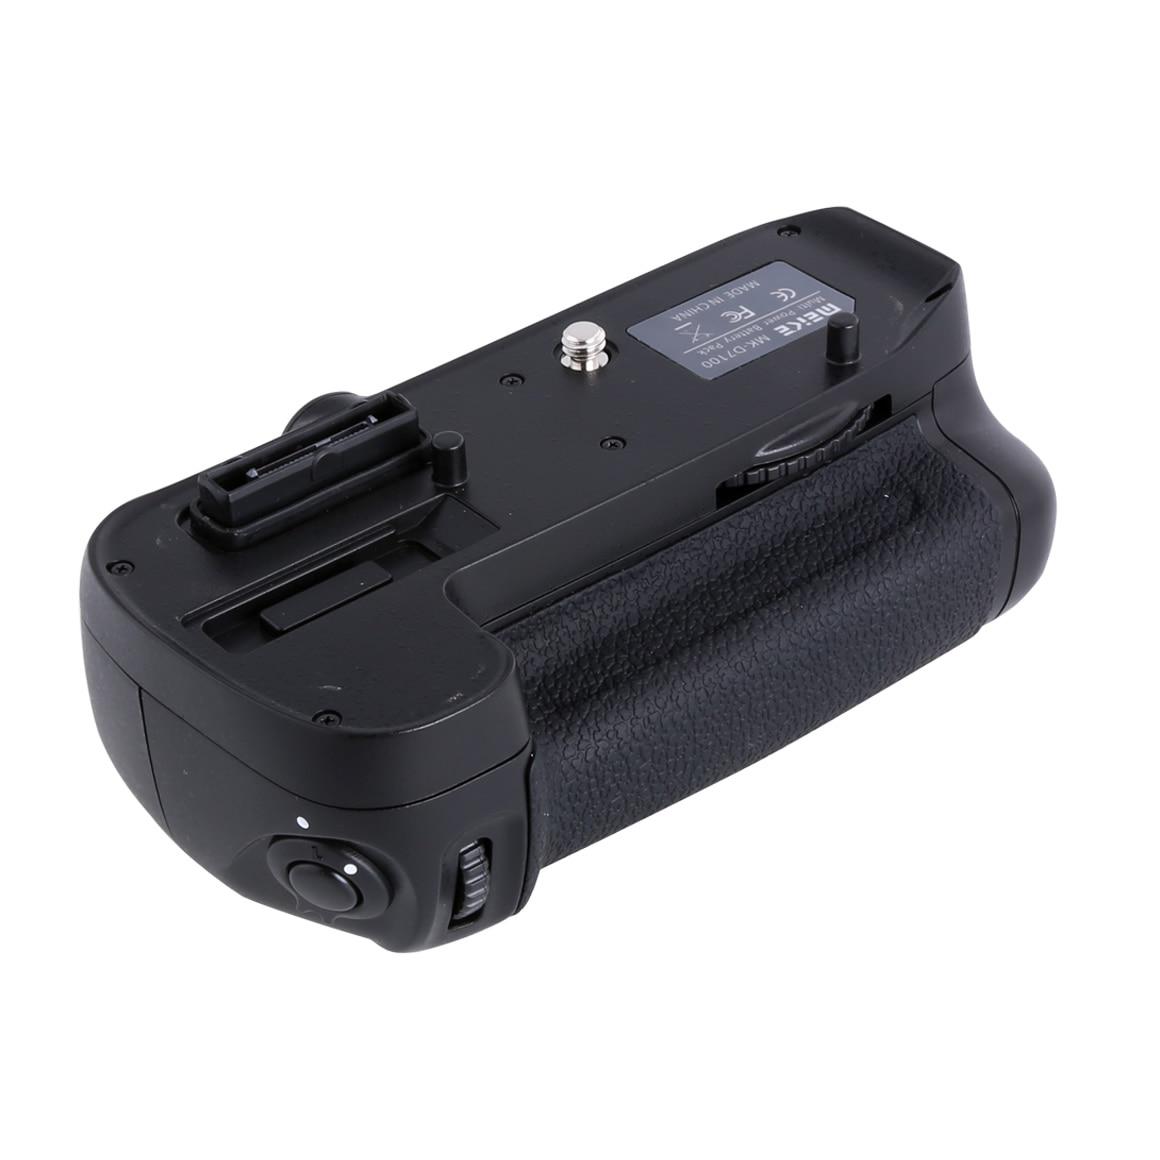 Meike MK-D7100 poignée de batterie verticale pour Nikon D7100/D7200 appareil photo remplacer MB-D15 comme EN-EL15